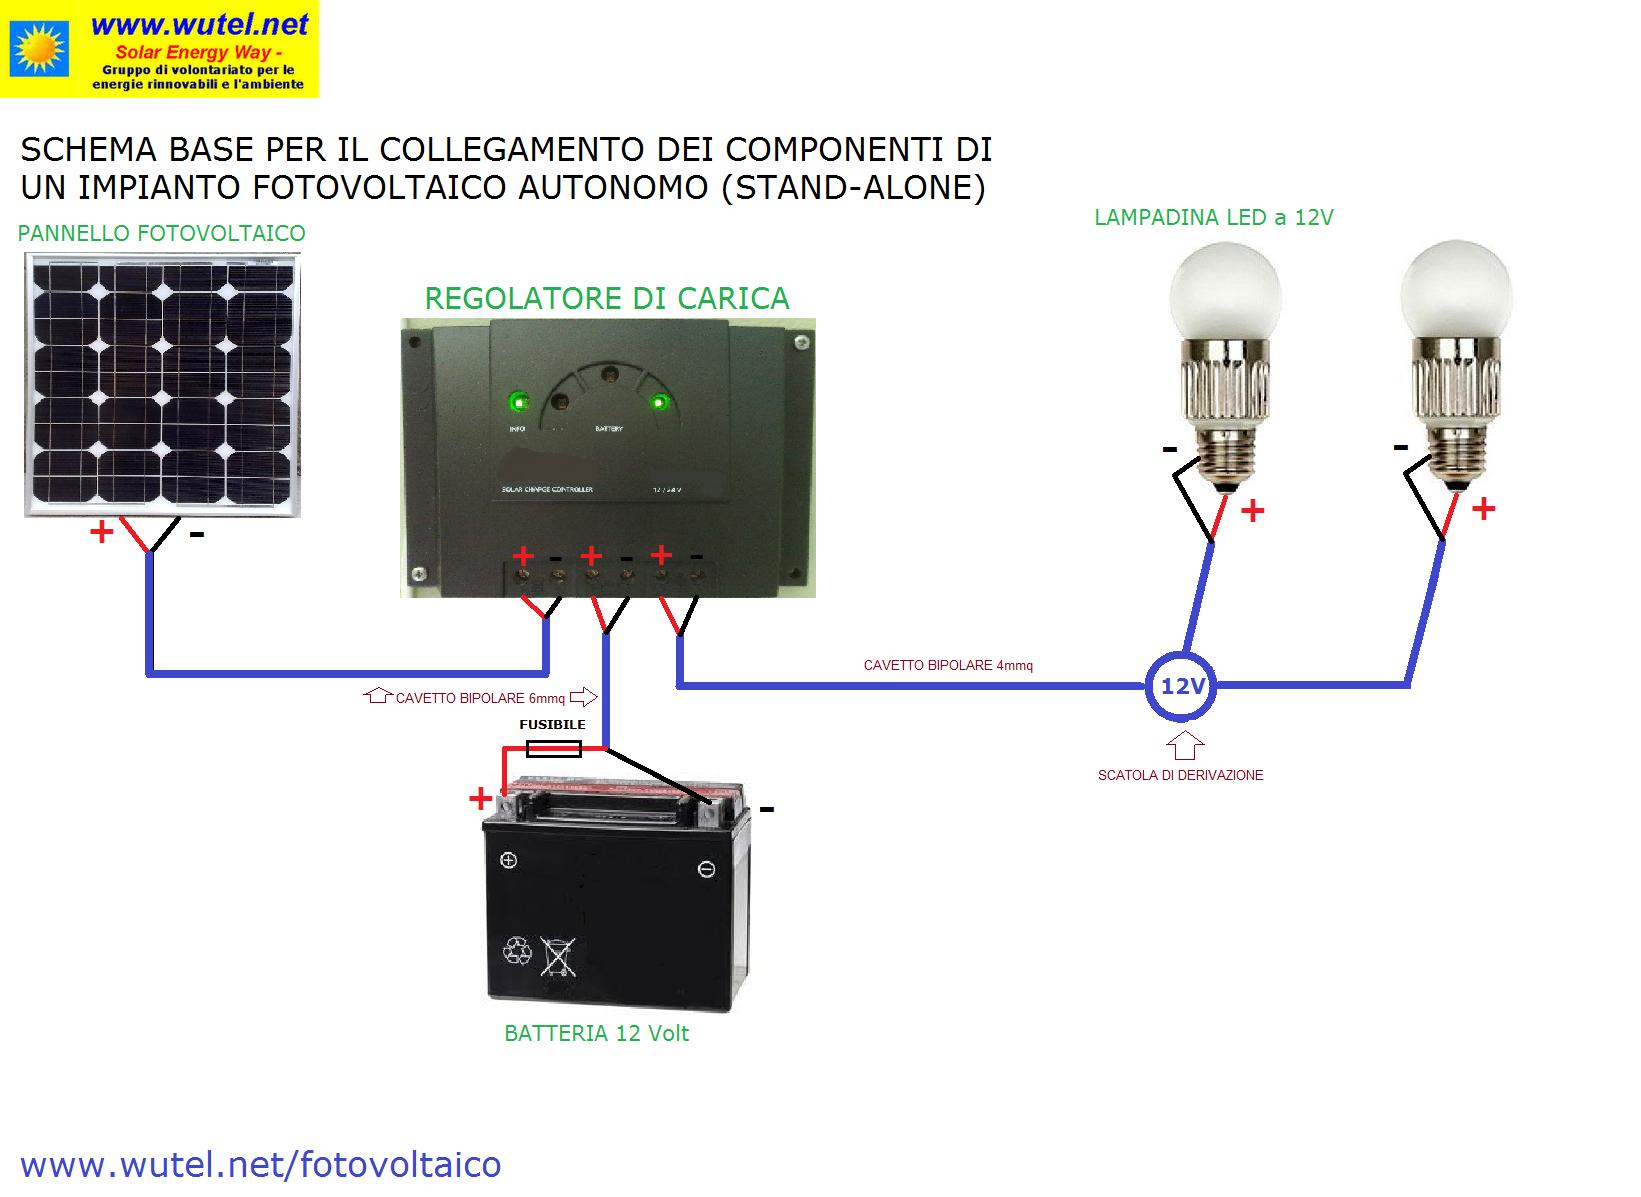 Schema Collegamento Impianto Fotovoltaico Alla Rete : Wutel nova